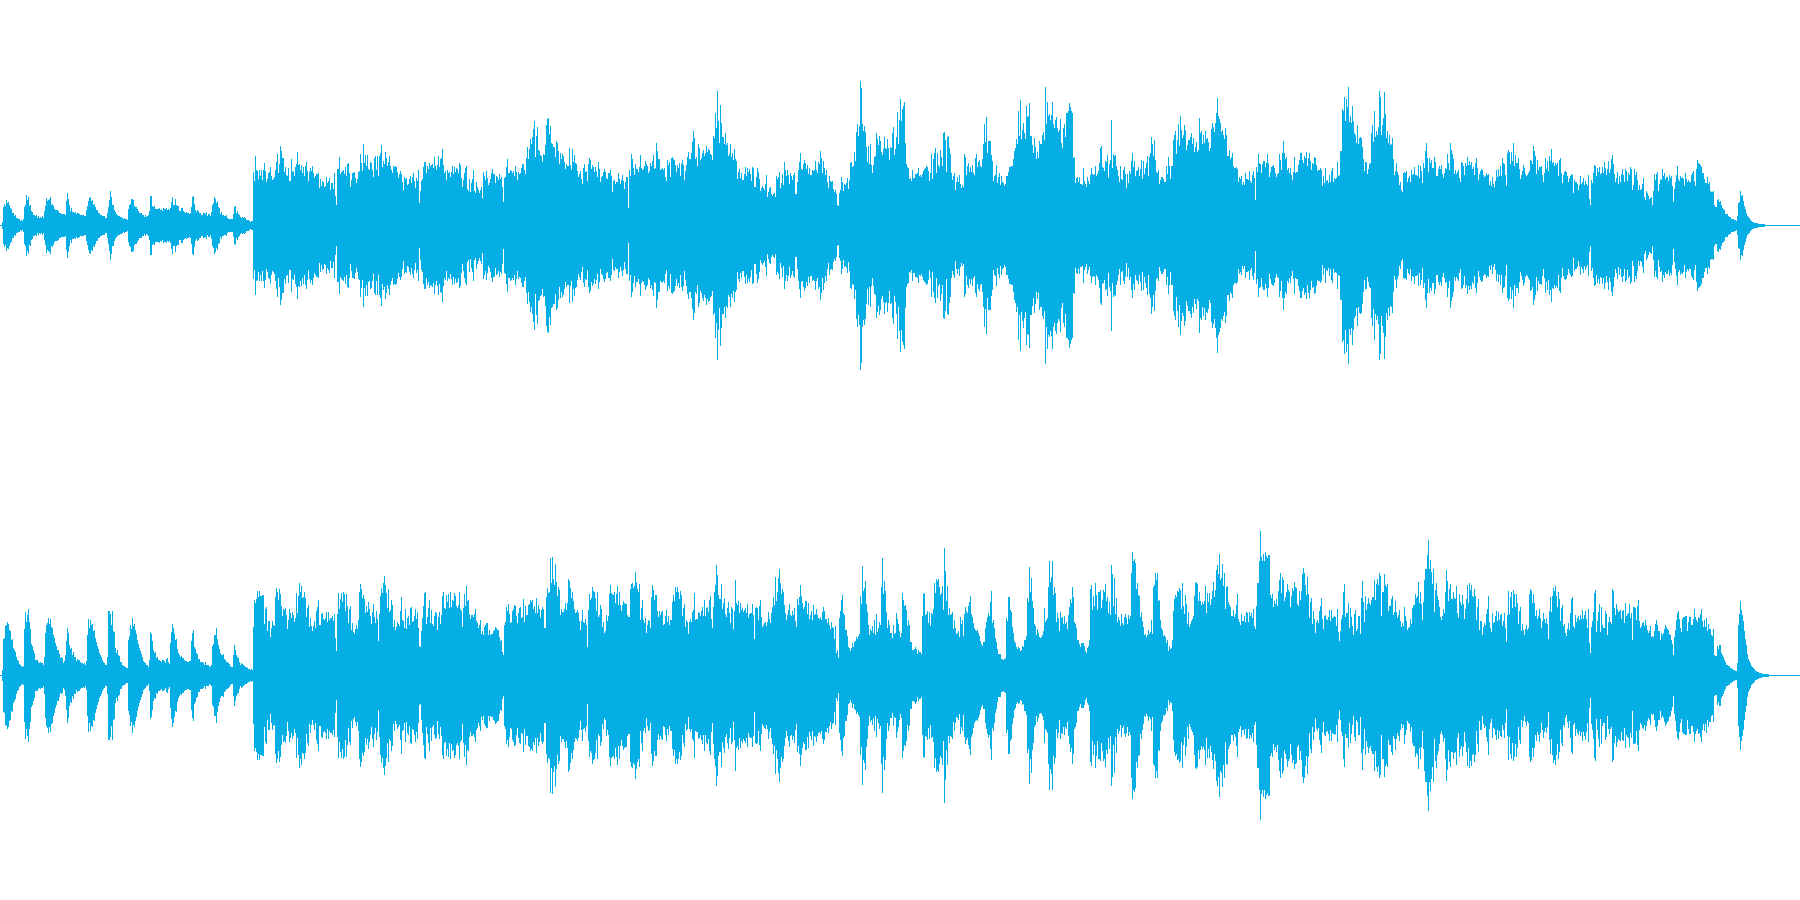 冬 雪 荒涼とした石山 ボーカライズの再生済みの波形